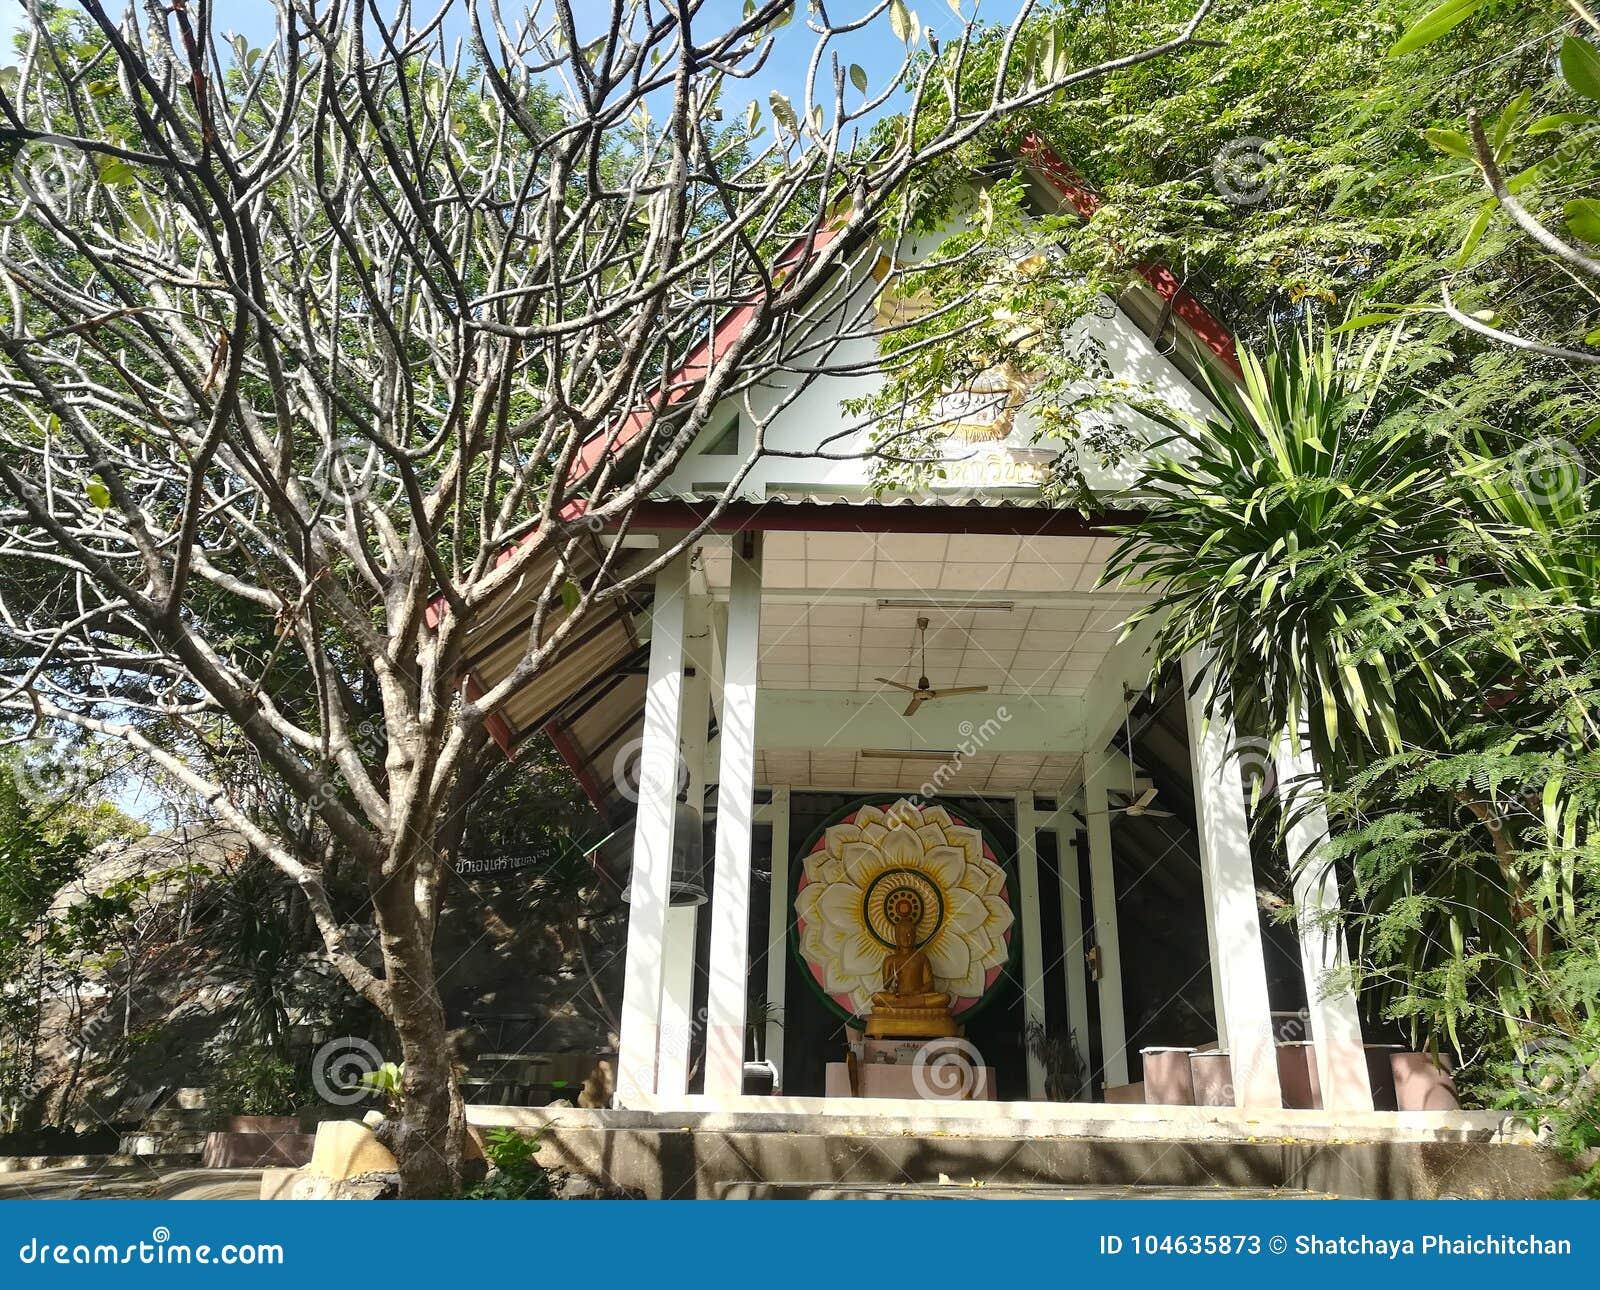 Download Mooie Tempels En Aantrekkelijkheden Historisch In Thailand Stock Afbeelding - Afbeelding bestaande uit aantrekkelijkheden, standbeeld: 104635873